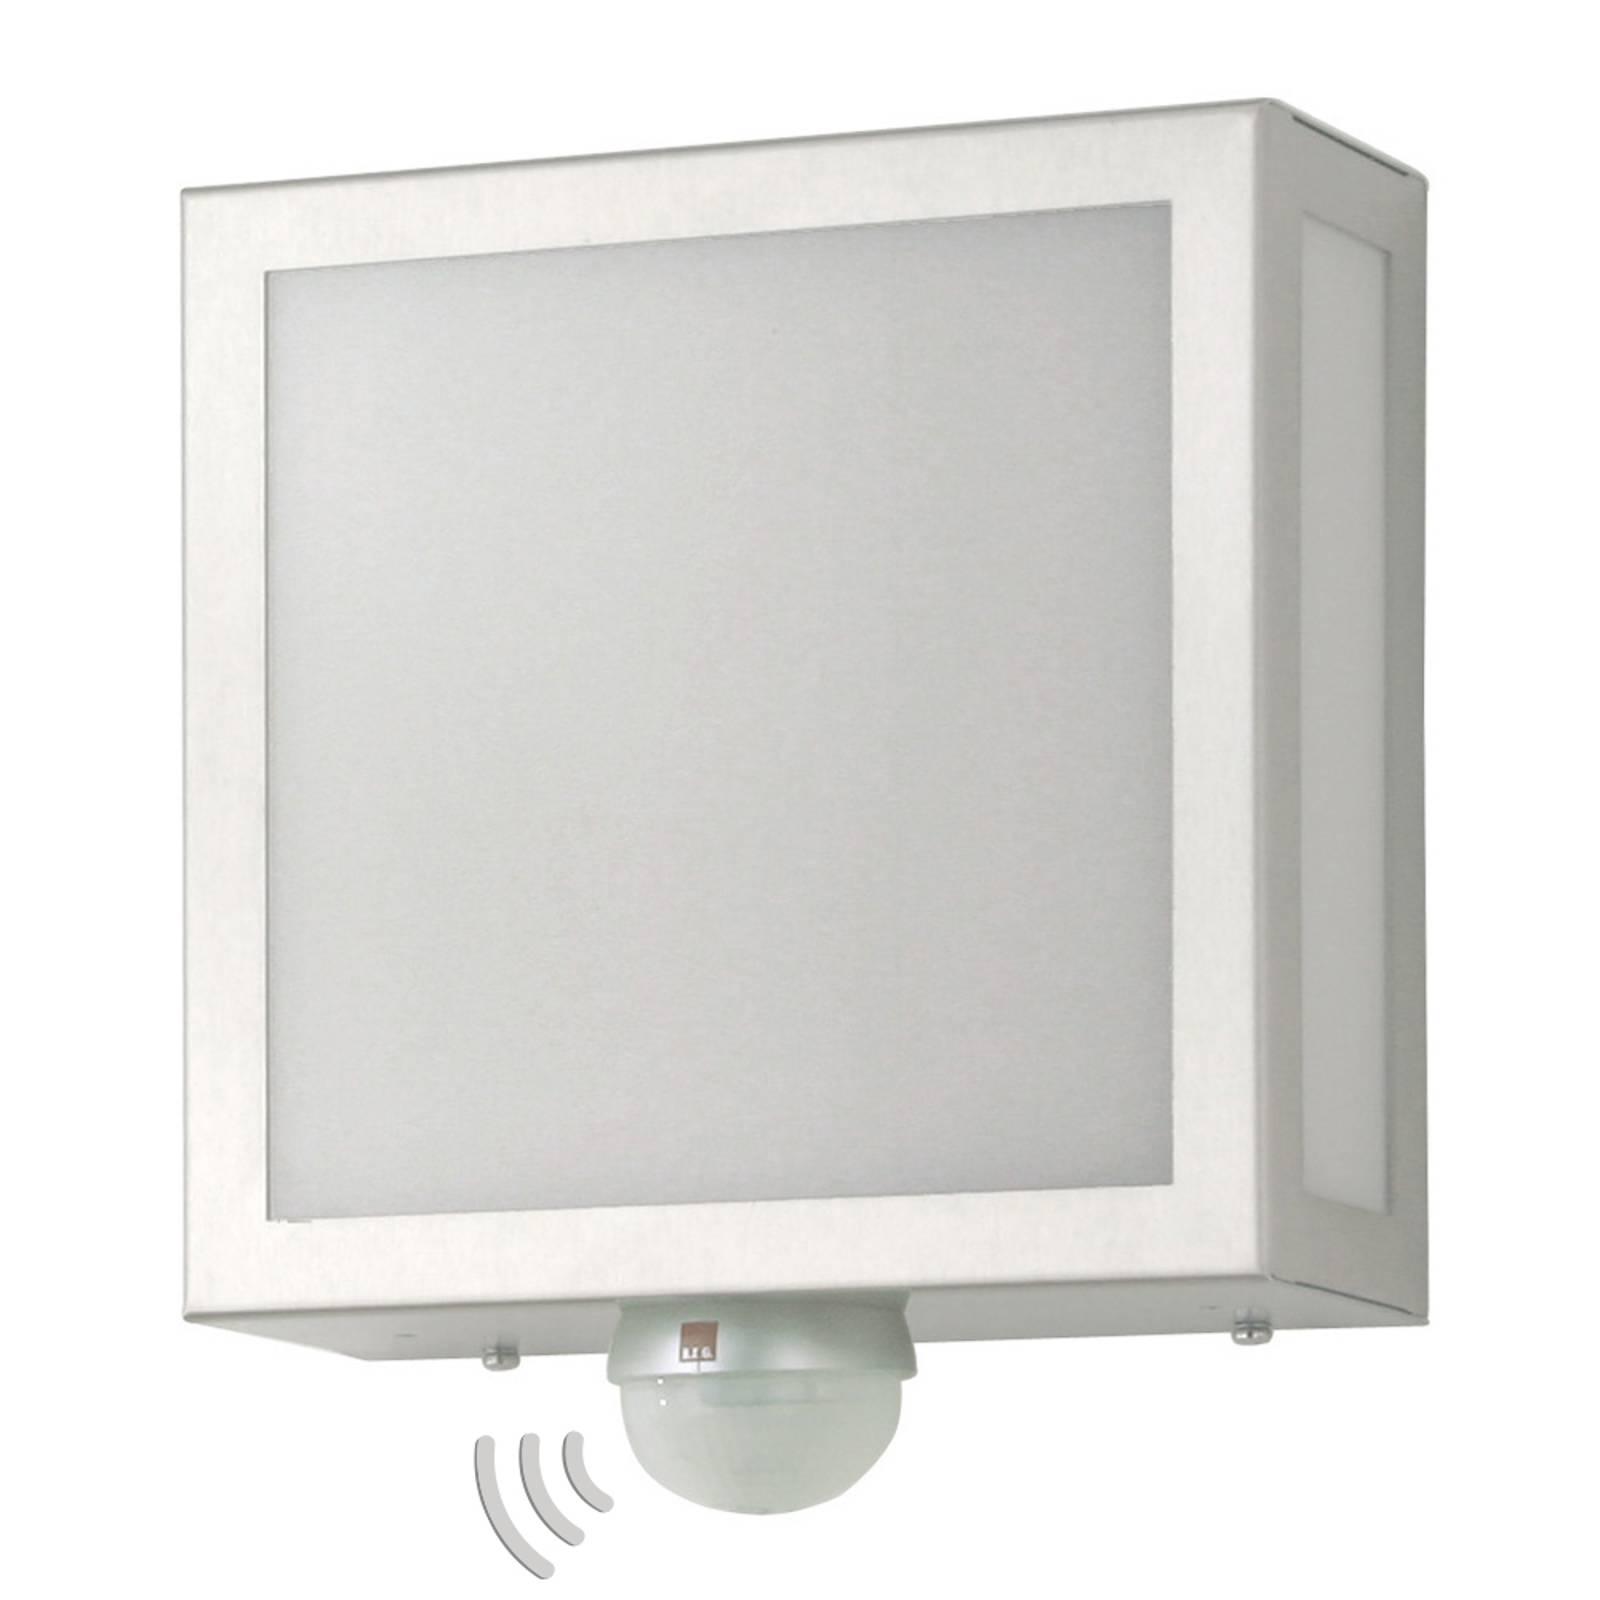 Zewnętrzna lampa ścienna MARTIN z czujnikiem ruchu